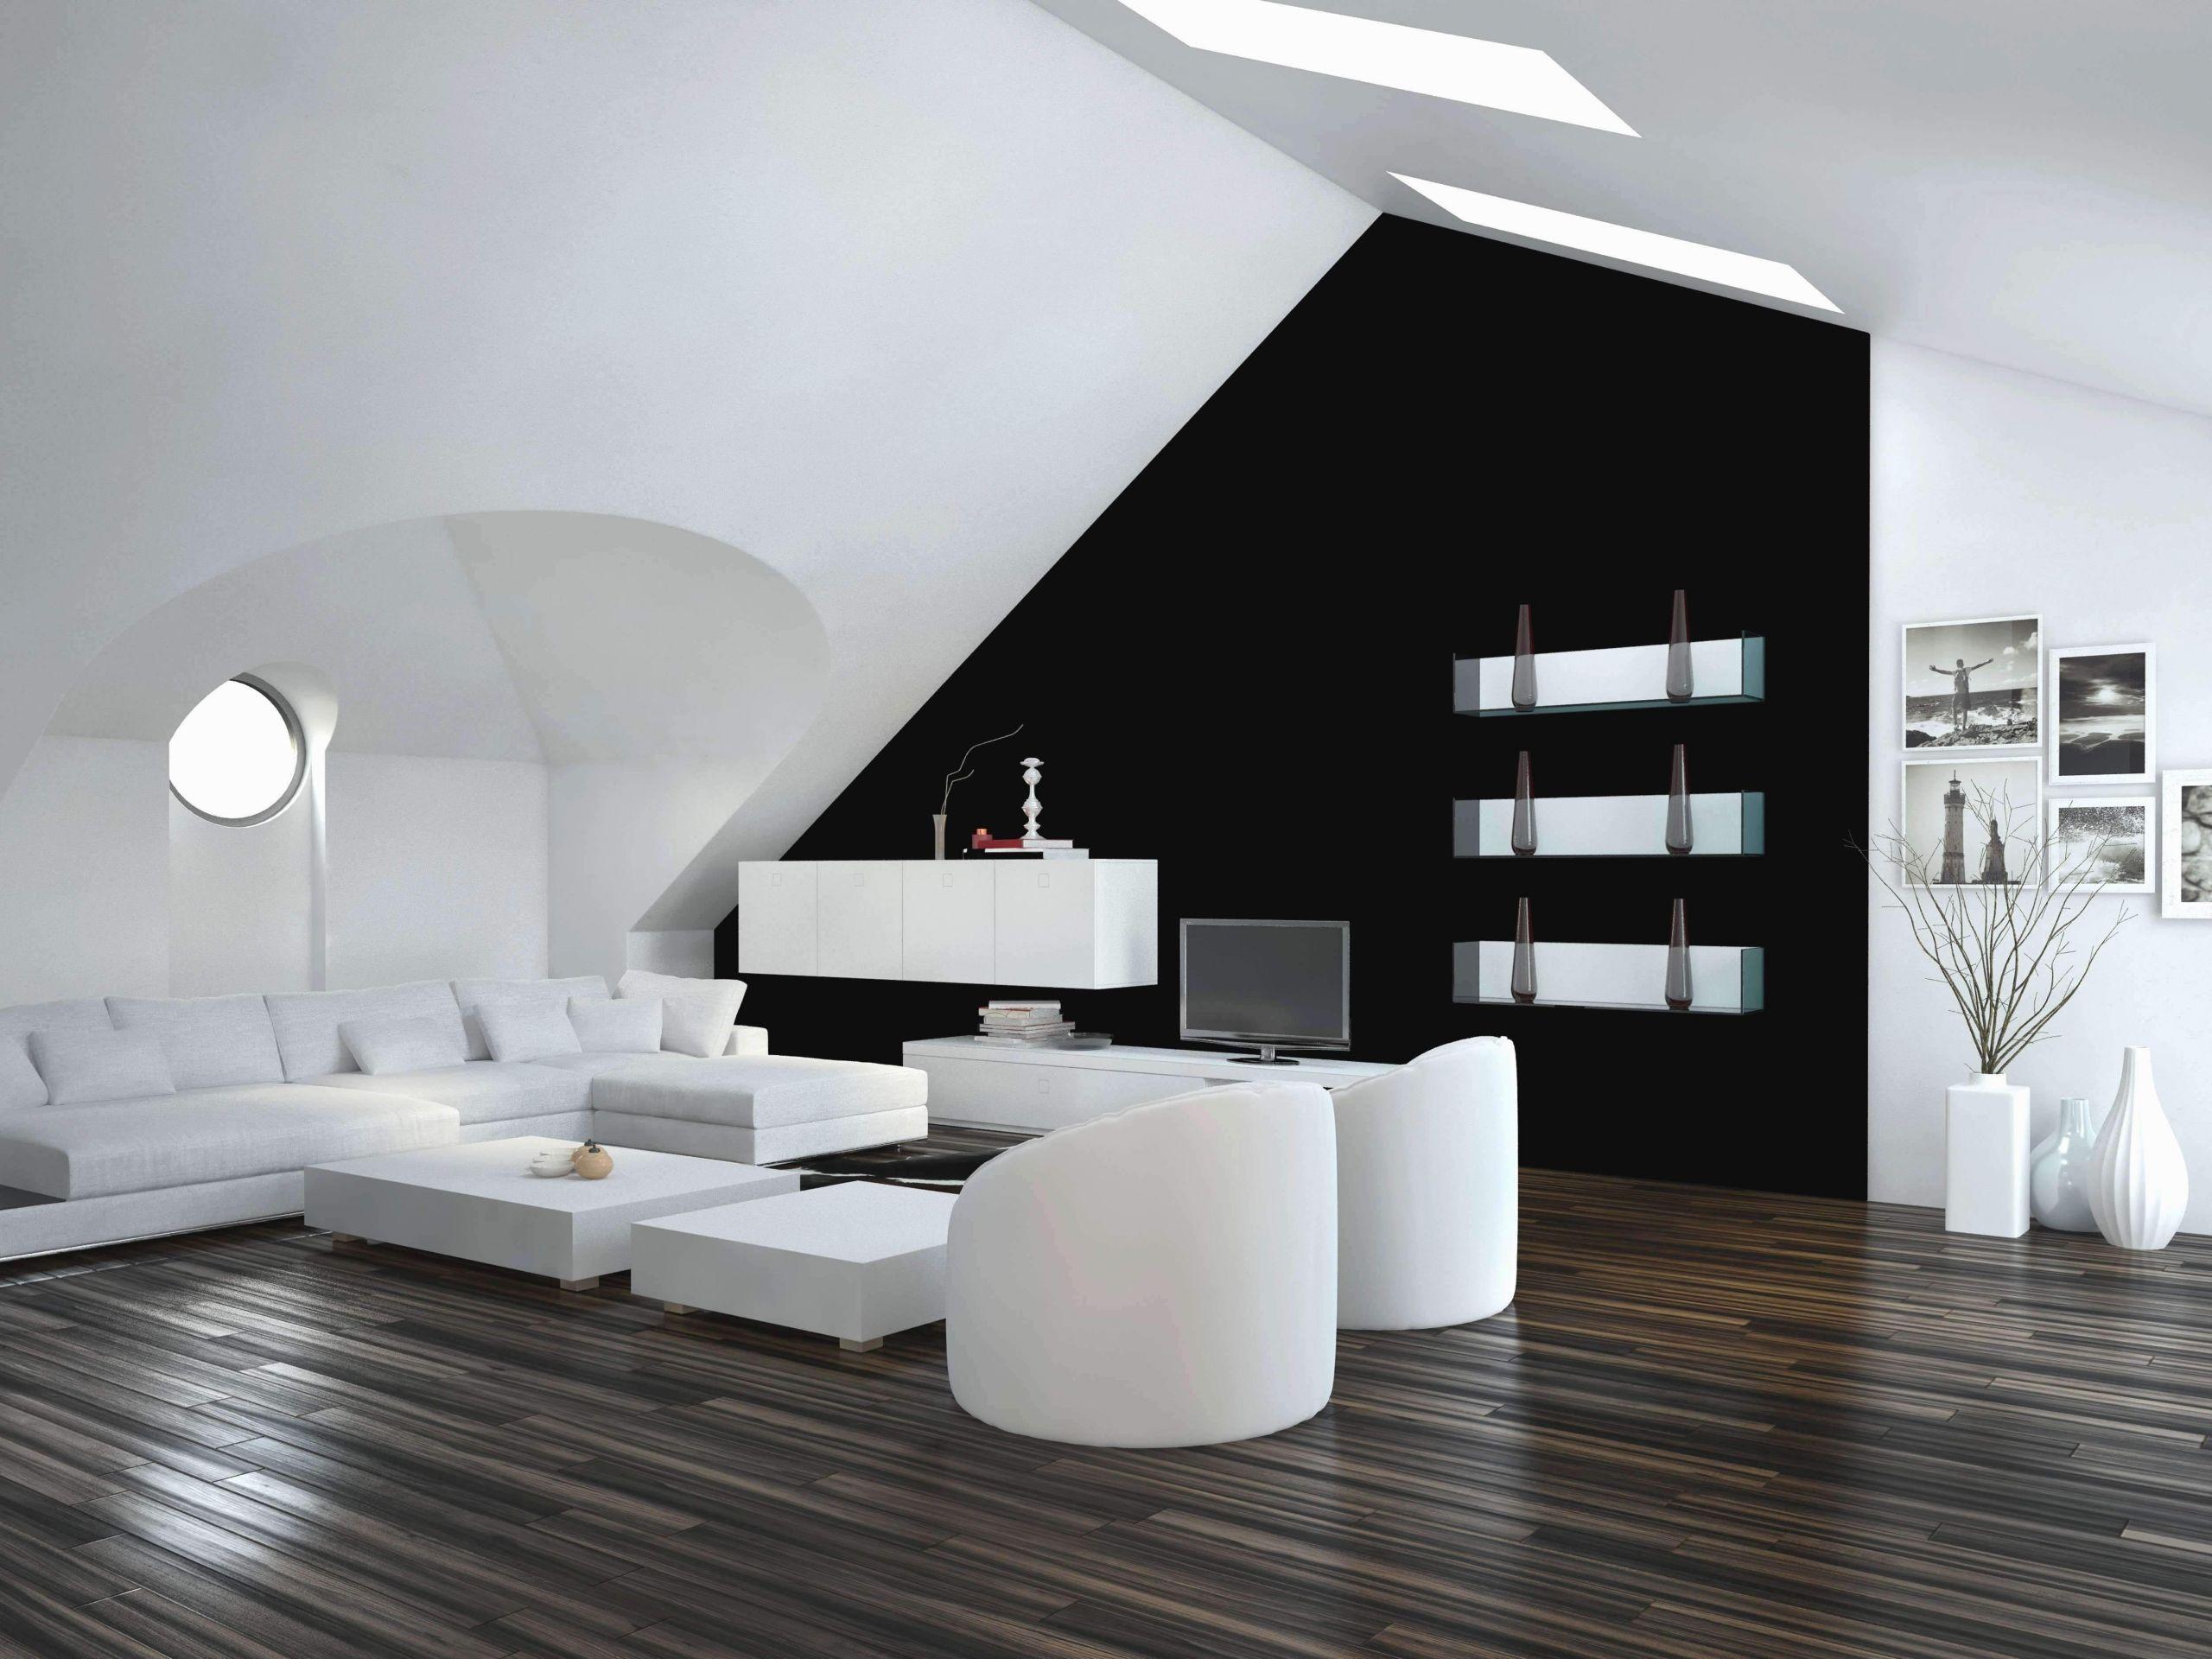 silber deko wohnzimmer inspirierend schon silber deko wohnzimmer of silber deko wohnzimmer